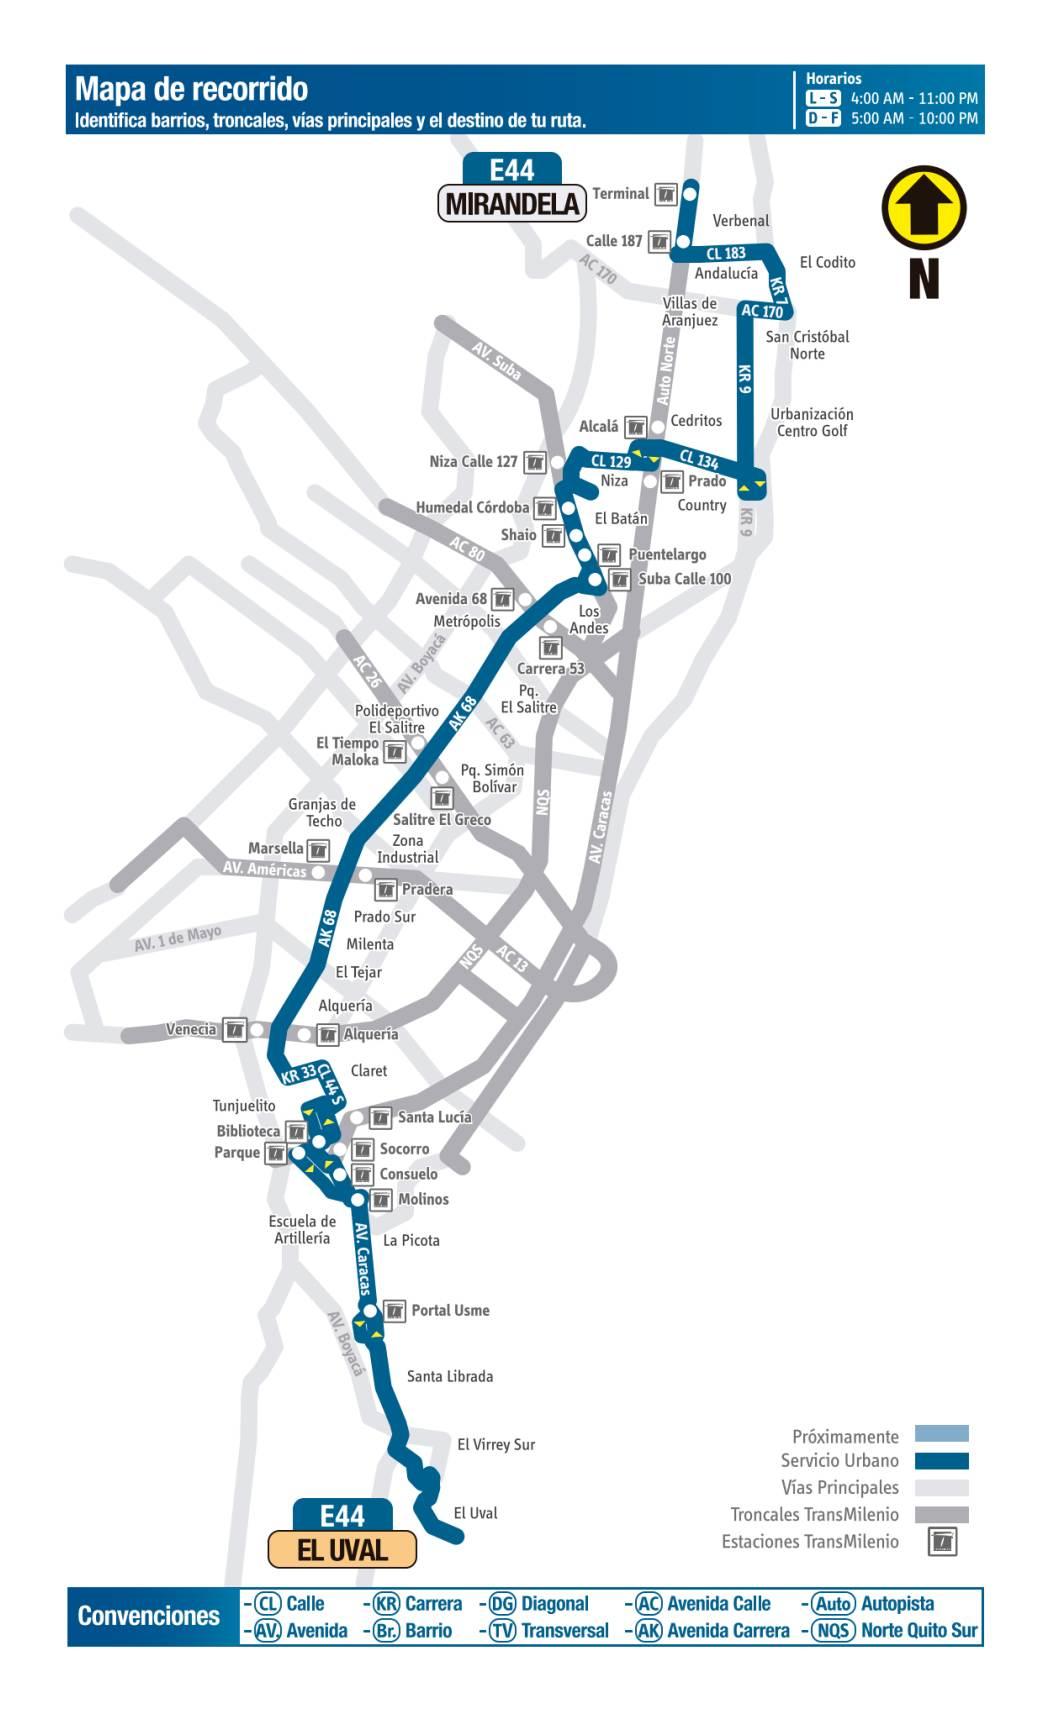 E44 Mirandela - El Uval, mapa bus urbano Bogotá